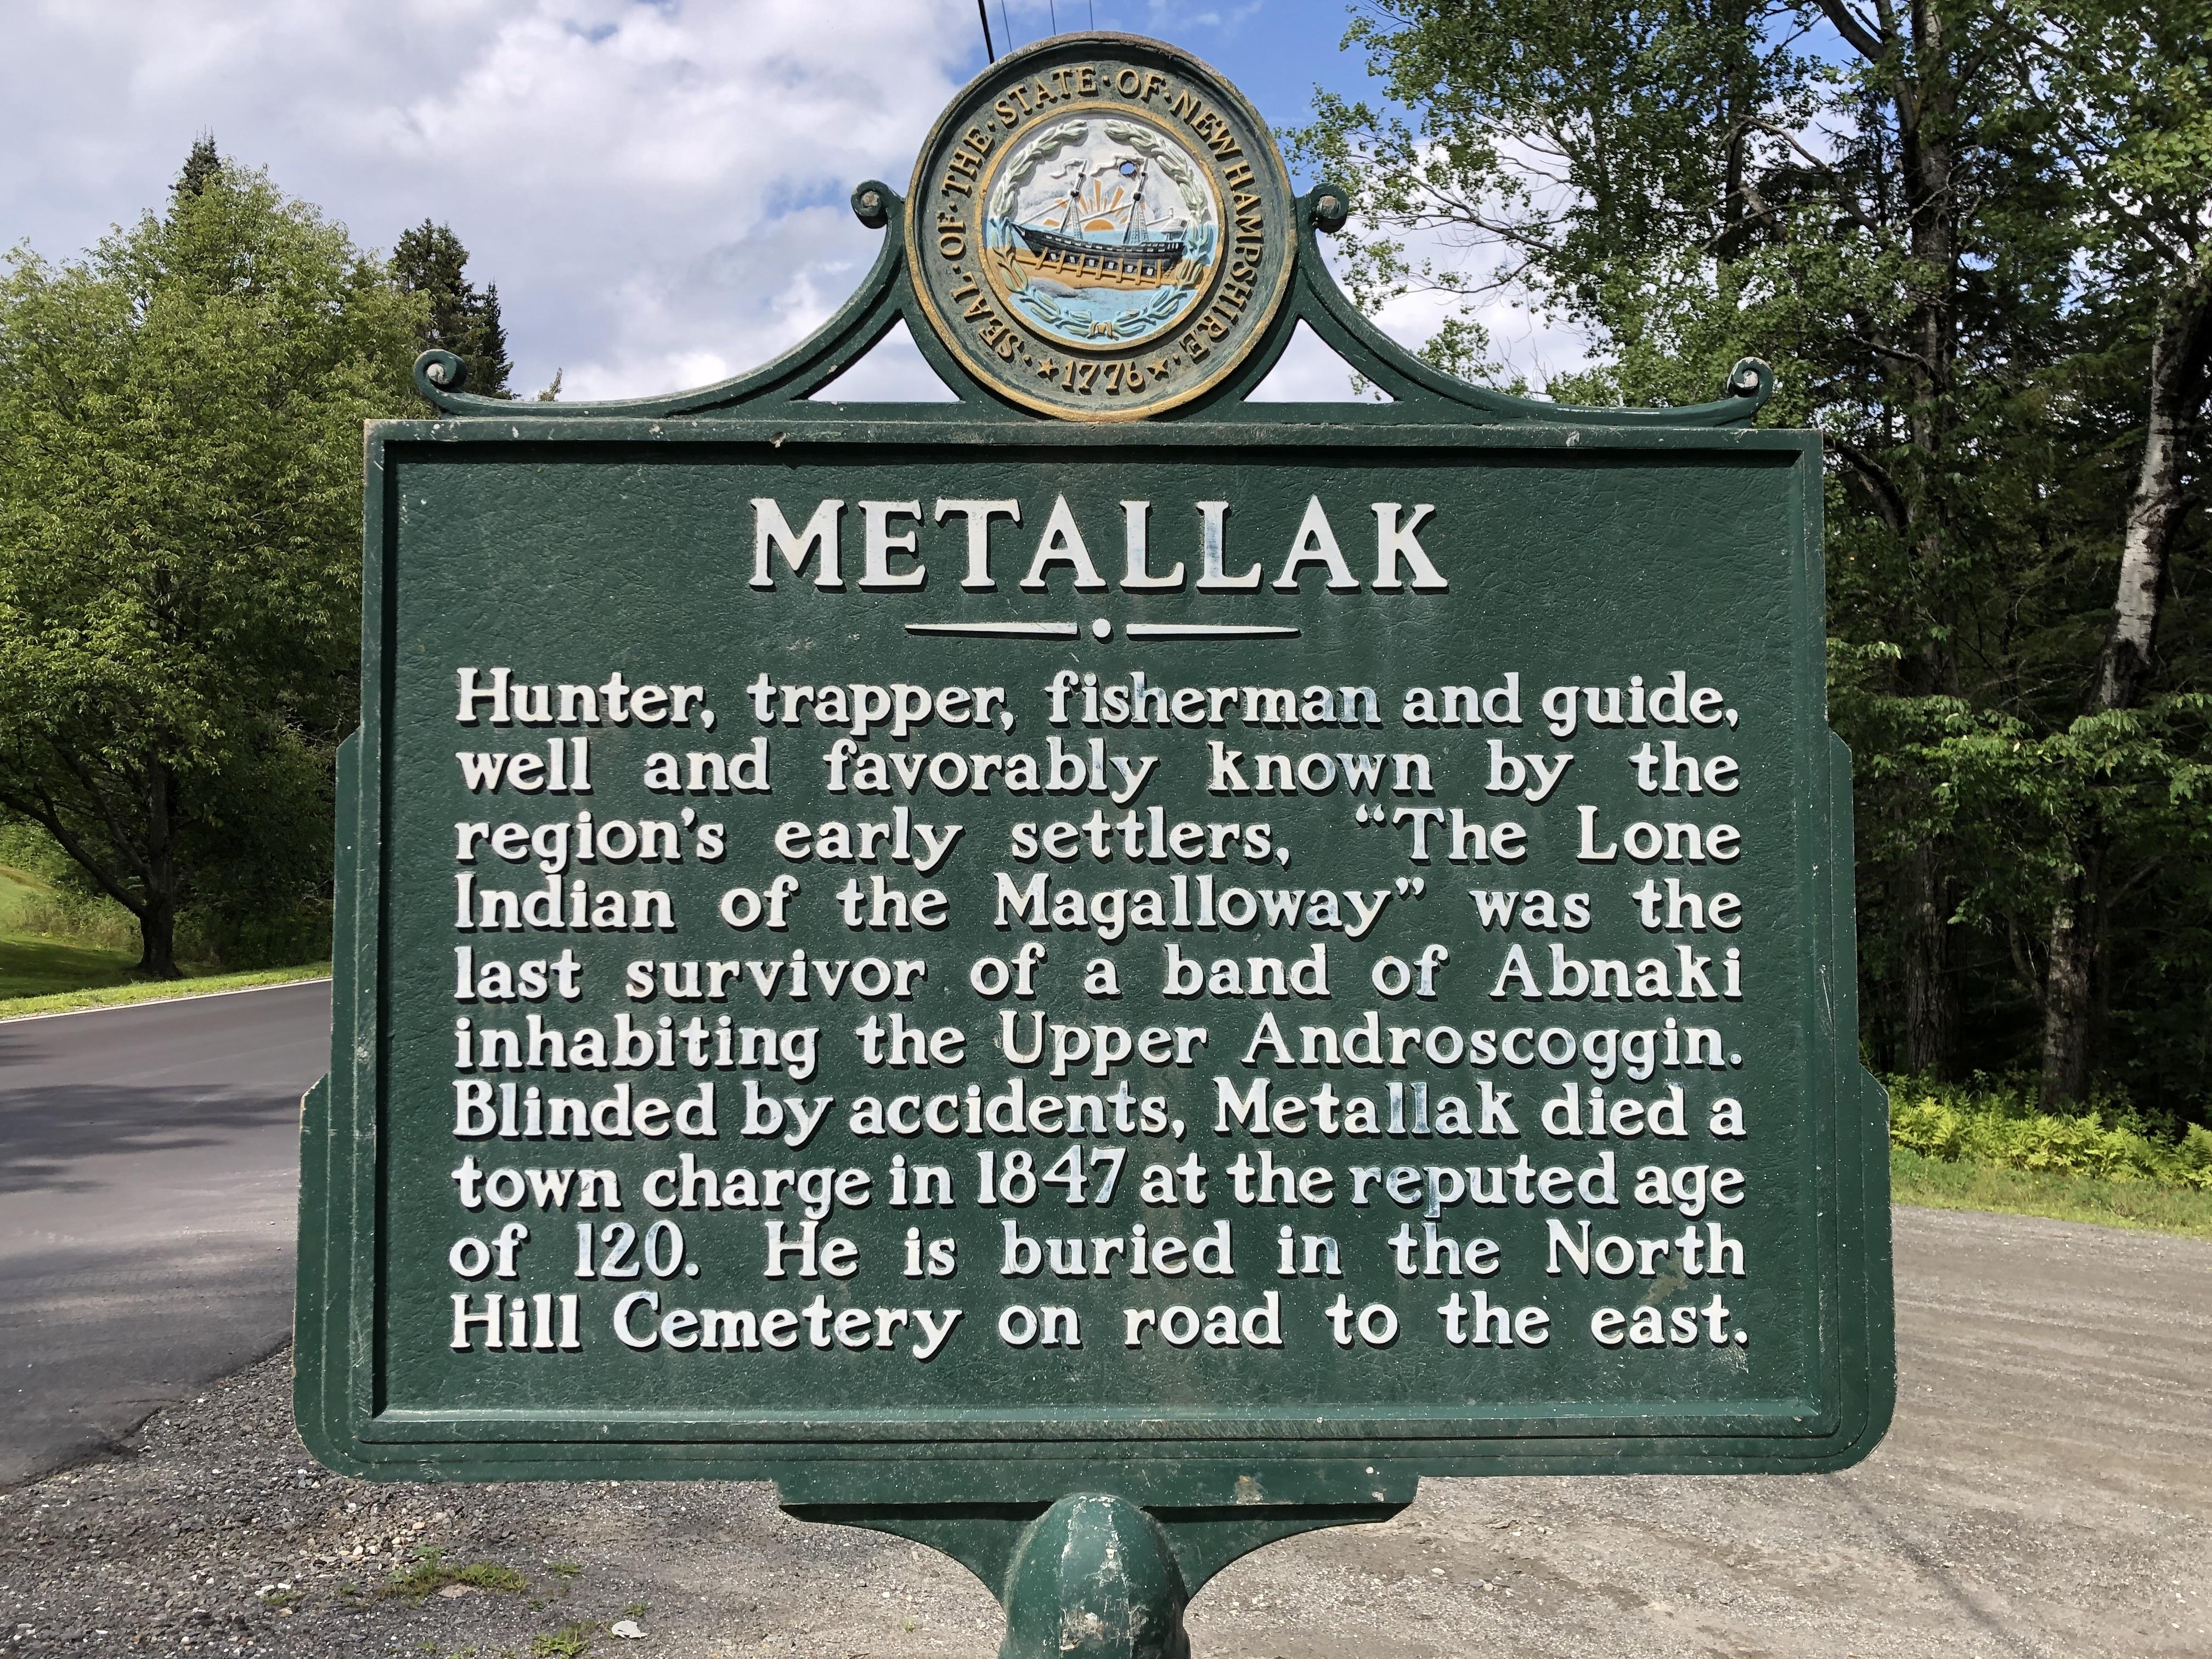 Metallak - Wikipedia